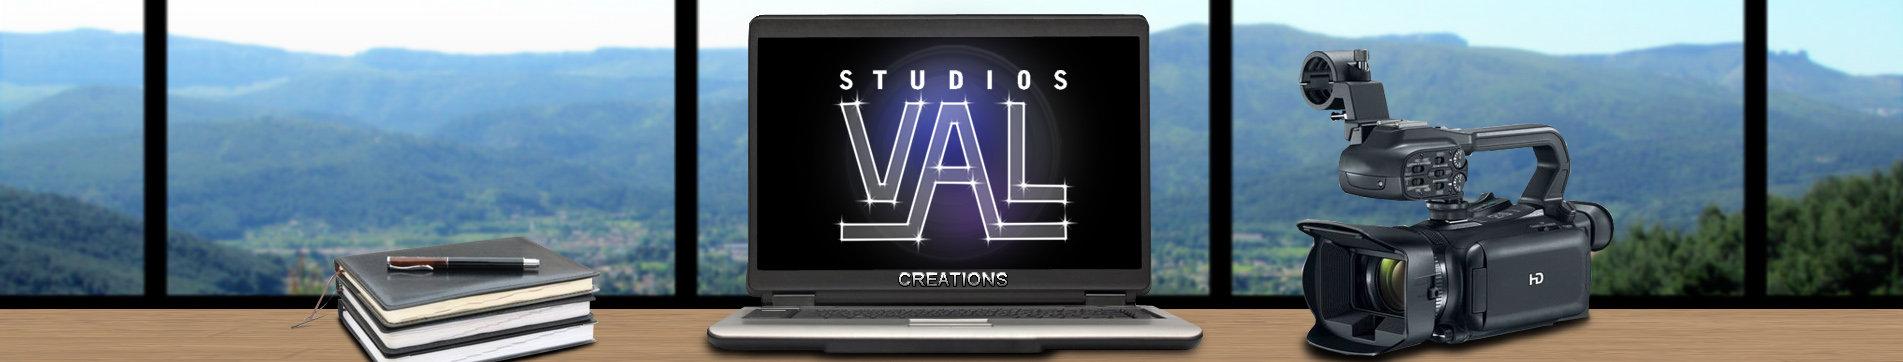 StudiosVal_BannièreCustom6.jpg